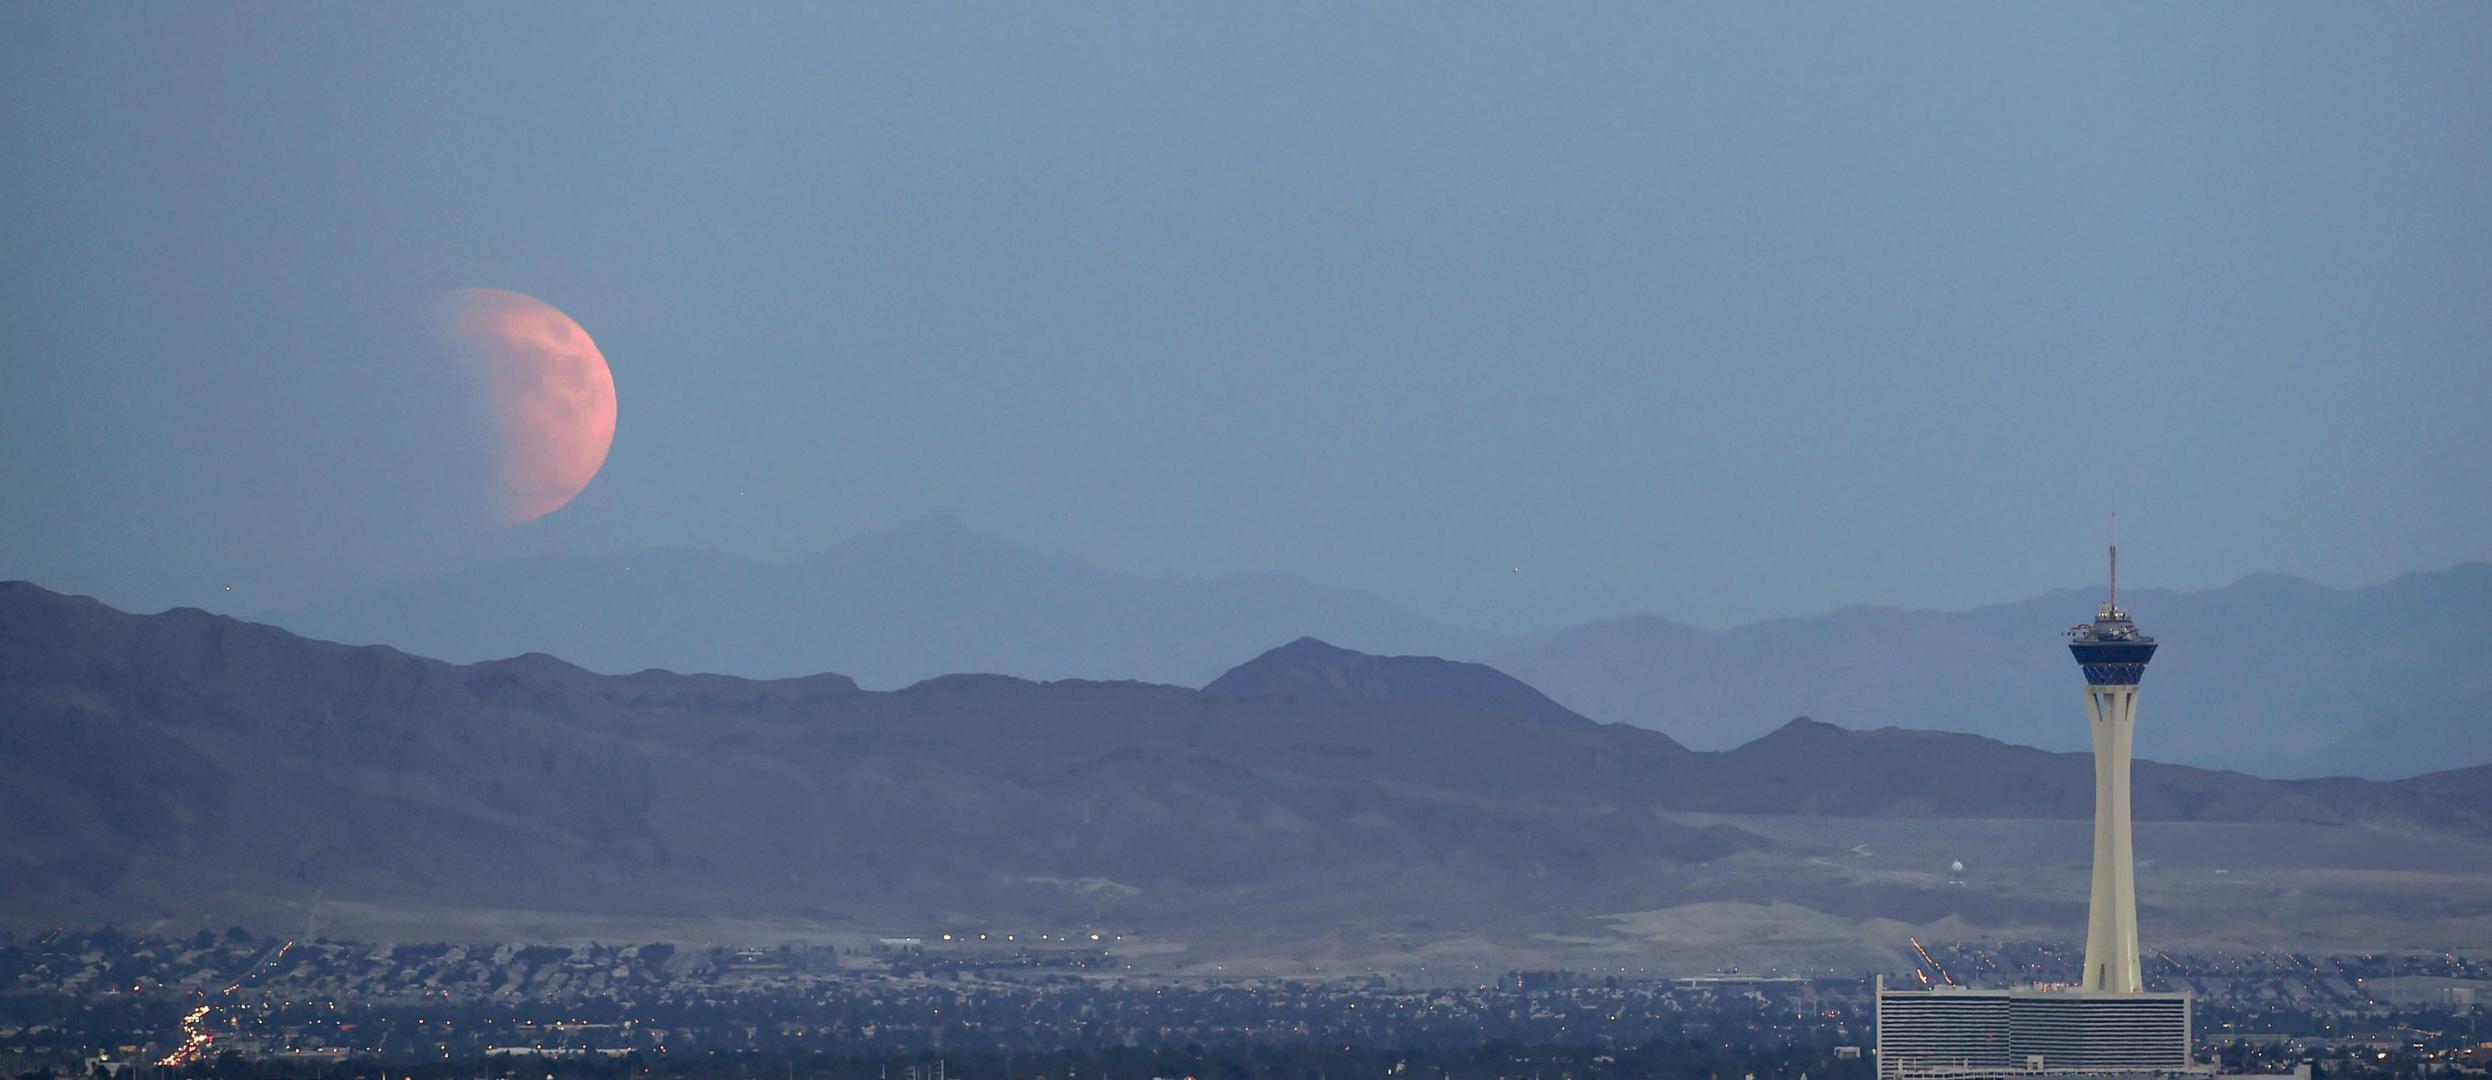 <p>Las Vegas, Nevada, EE.UU.</p>